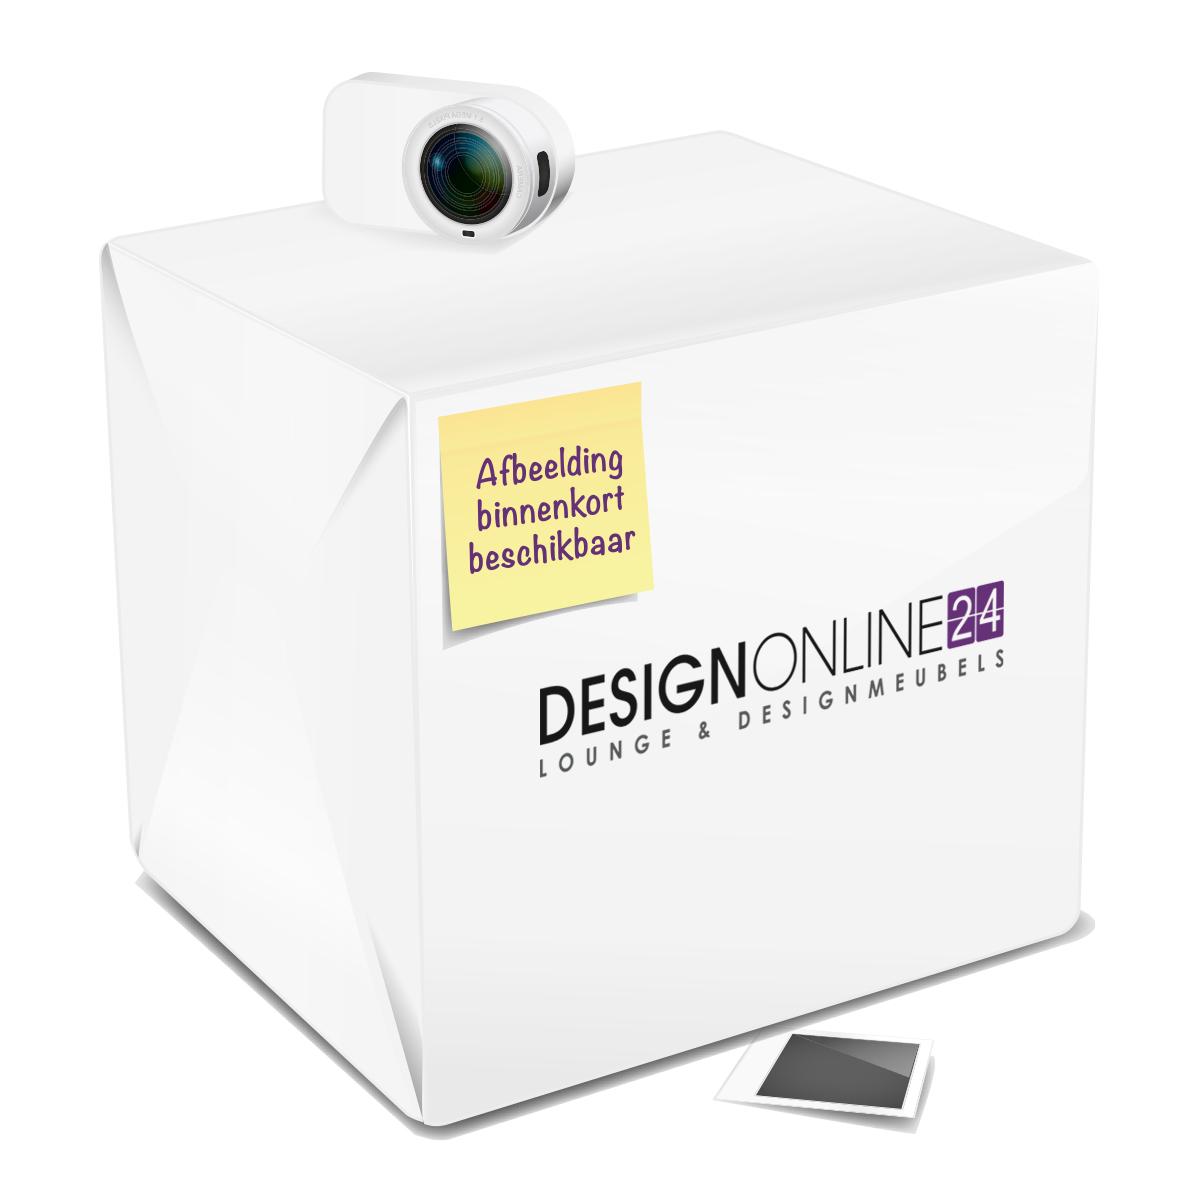 24Designs Loungeset voor 4 Personen - Marina - Bruin Polyrattan Wicker met Bruine kussens